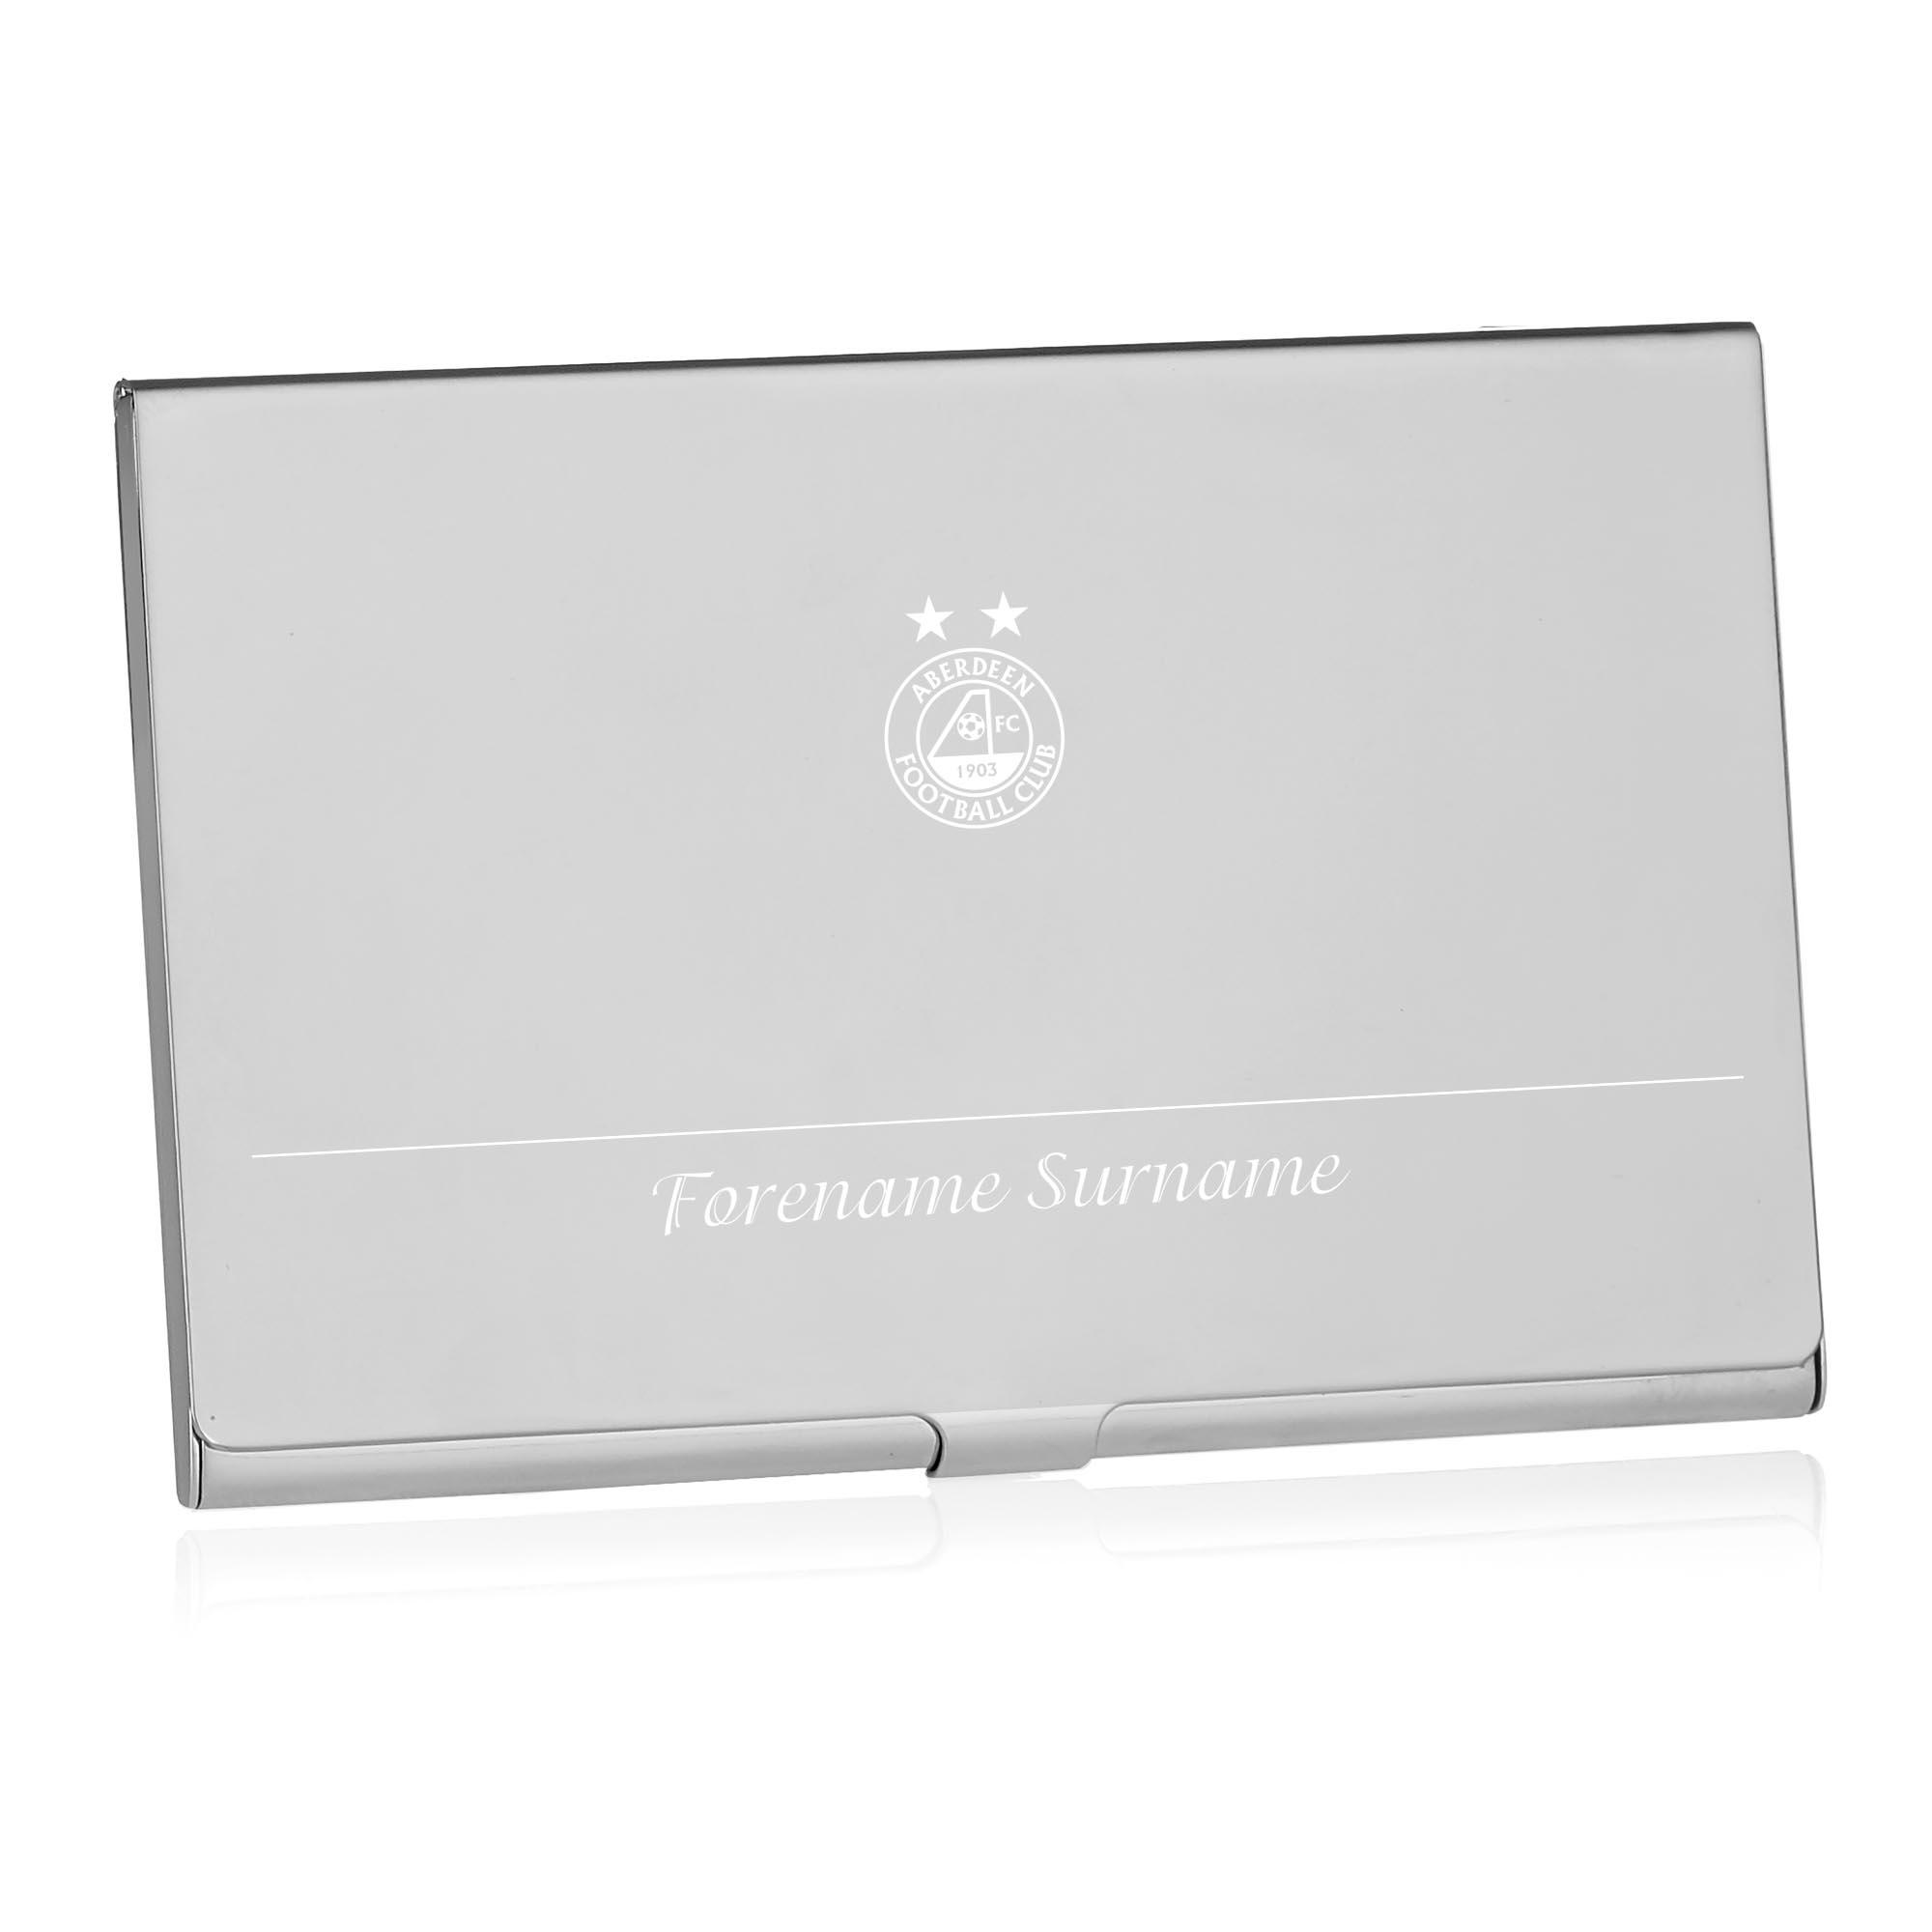 Aberdeen FC Executive Business Card Holder